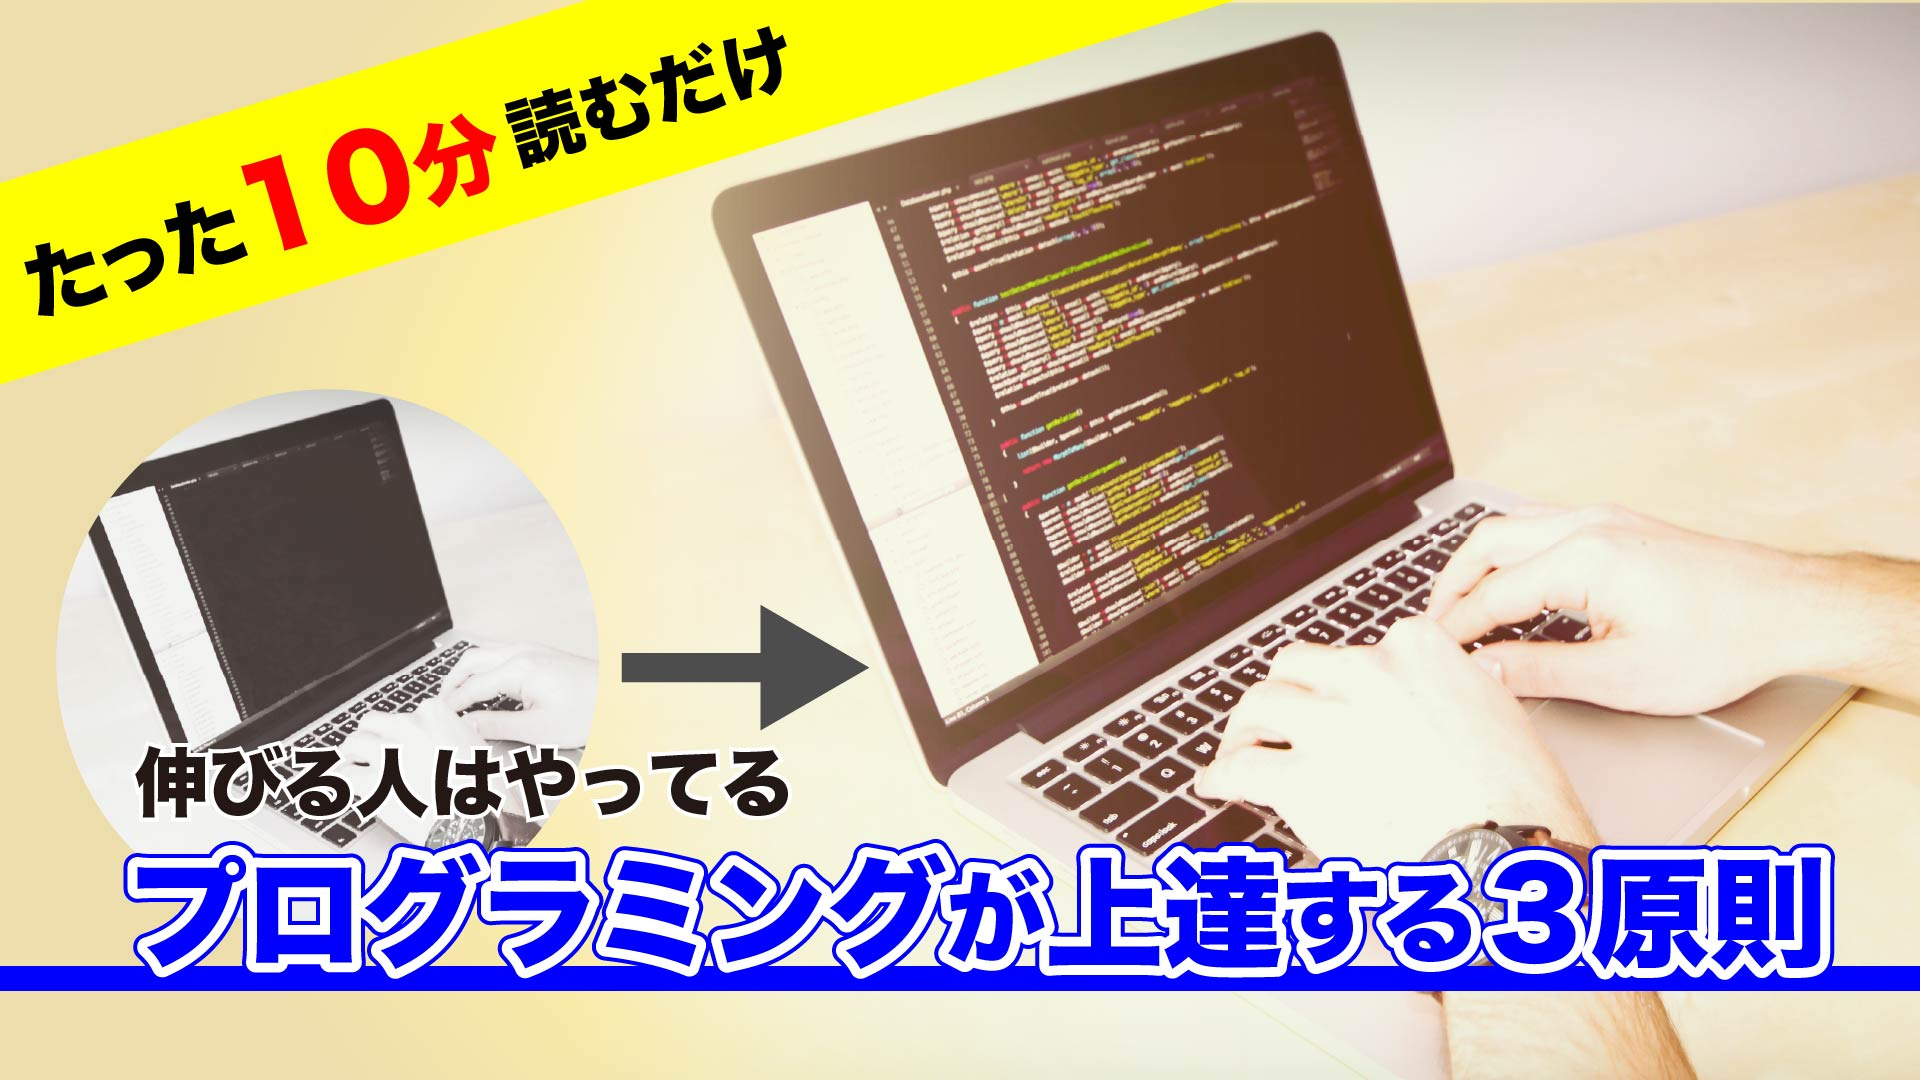 たった10分!?読むだけでプログラミングが上達する3原則